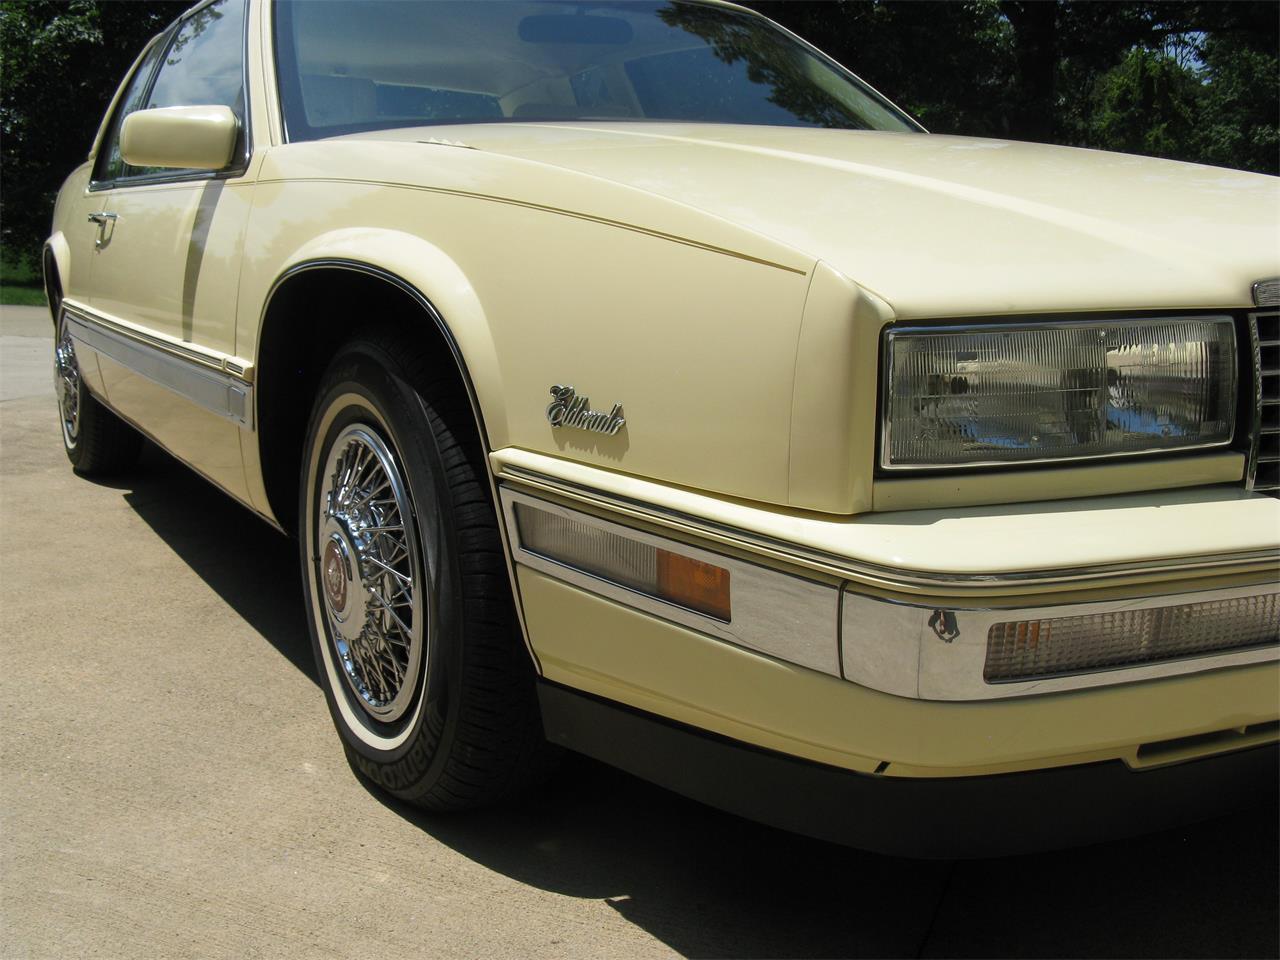 1988 Cadillac Eldorado for Sale | ClassicCars.com | CC-1001740